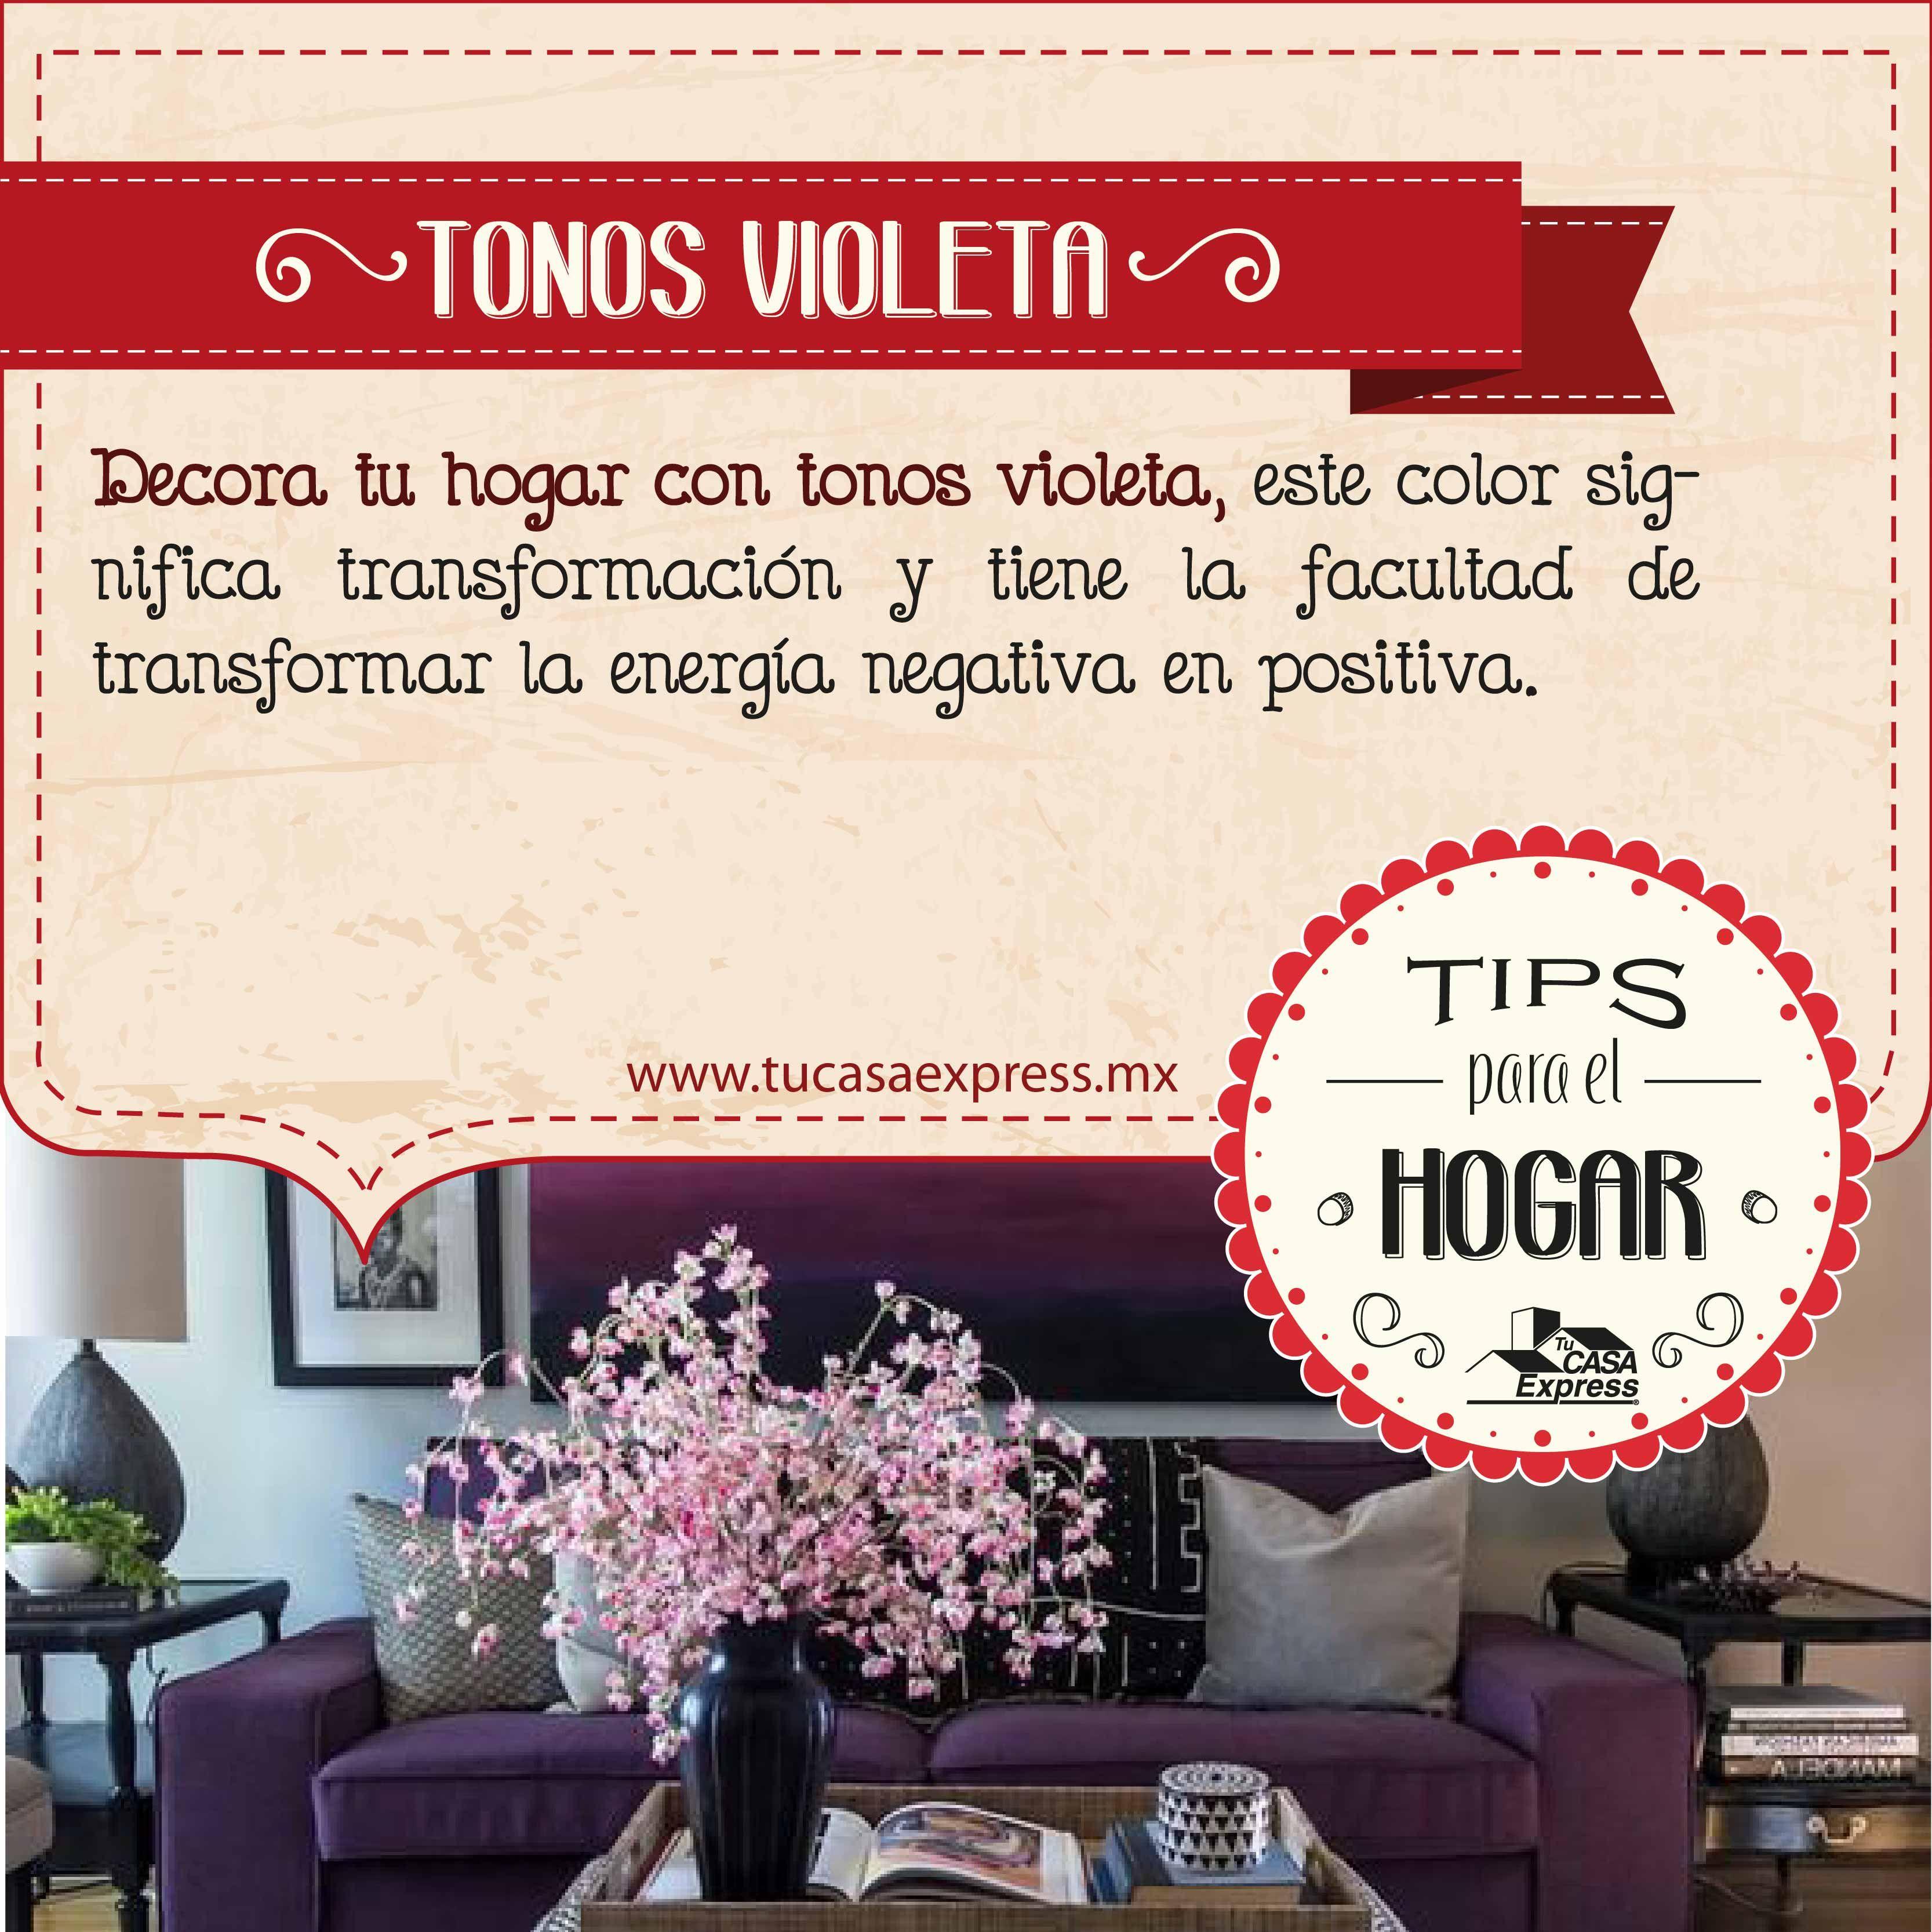 Tipshogar conoce los beneficios de decorar tu casa con for Consejos para decorar tu hogar